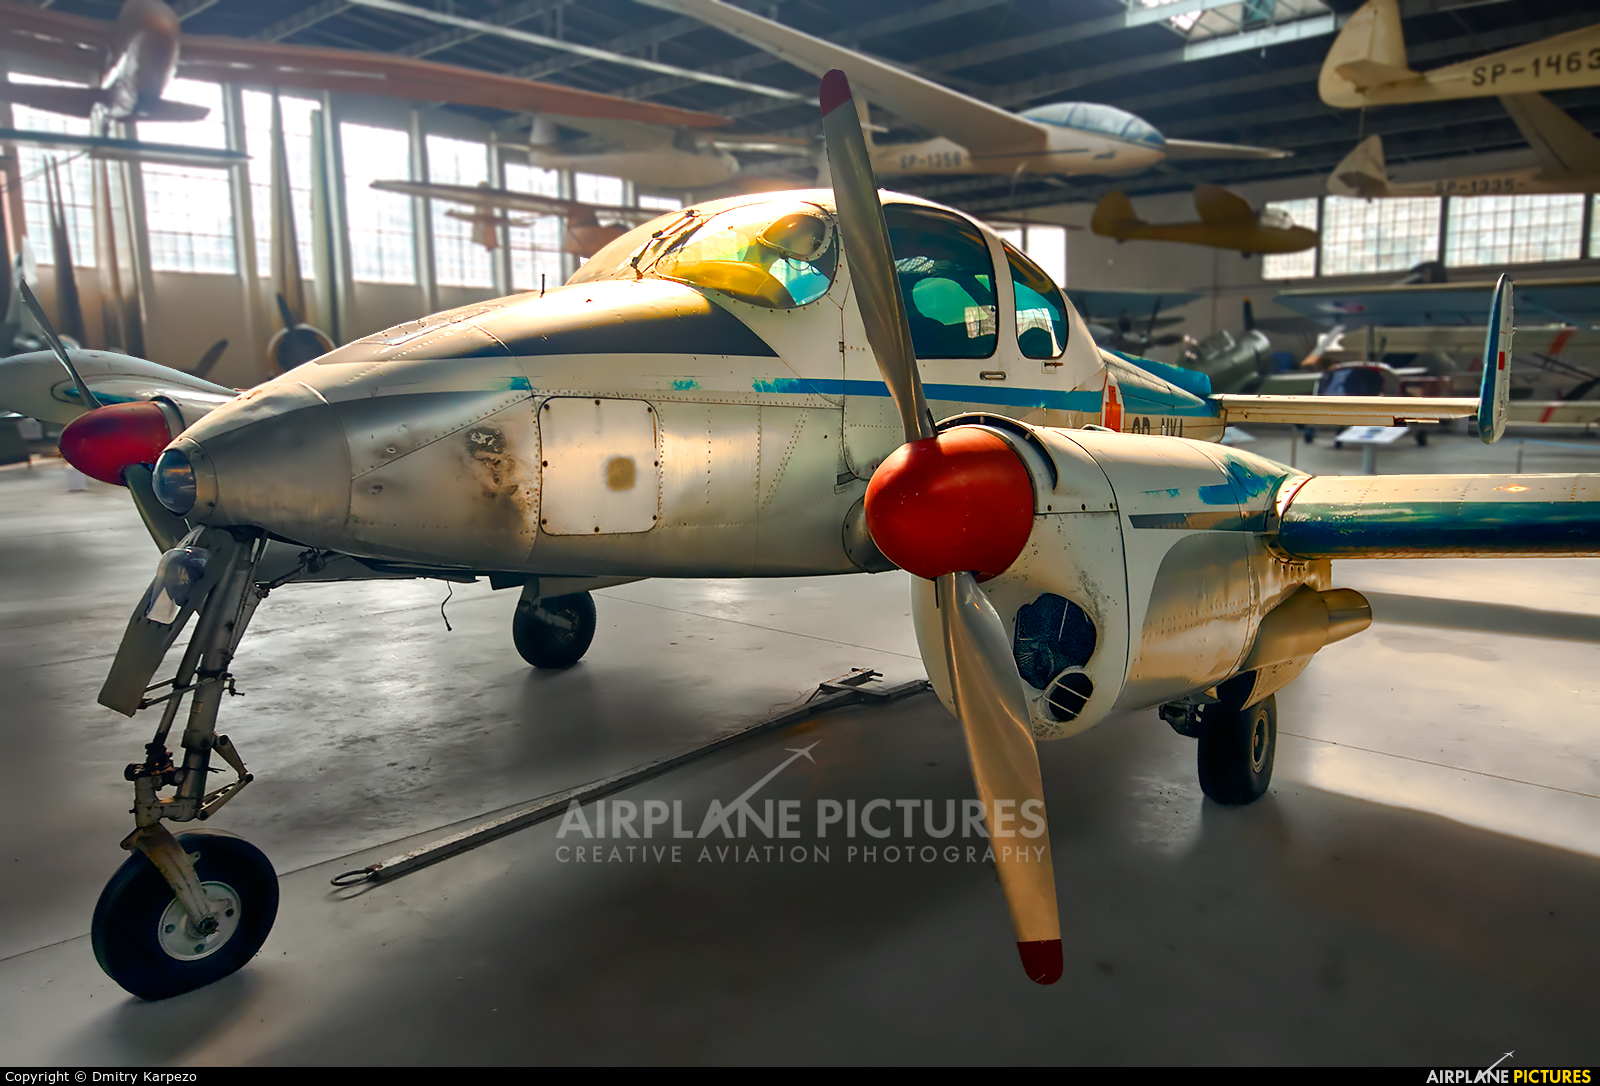 Polish Medical Air Rescue - Lotnicze Pogotowie Ratunkowe SP-NXA aircraft at Kraków, Rakowice Czyżyny - Museum of Polish Aviation